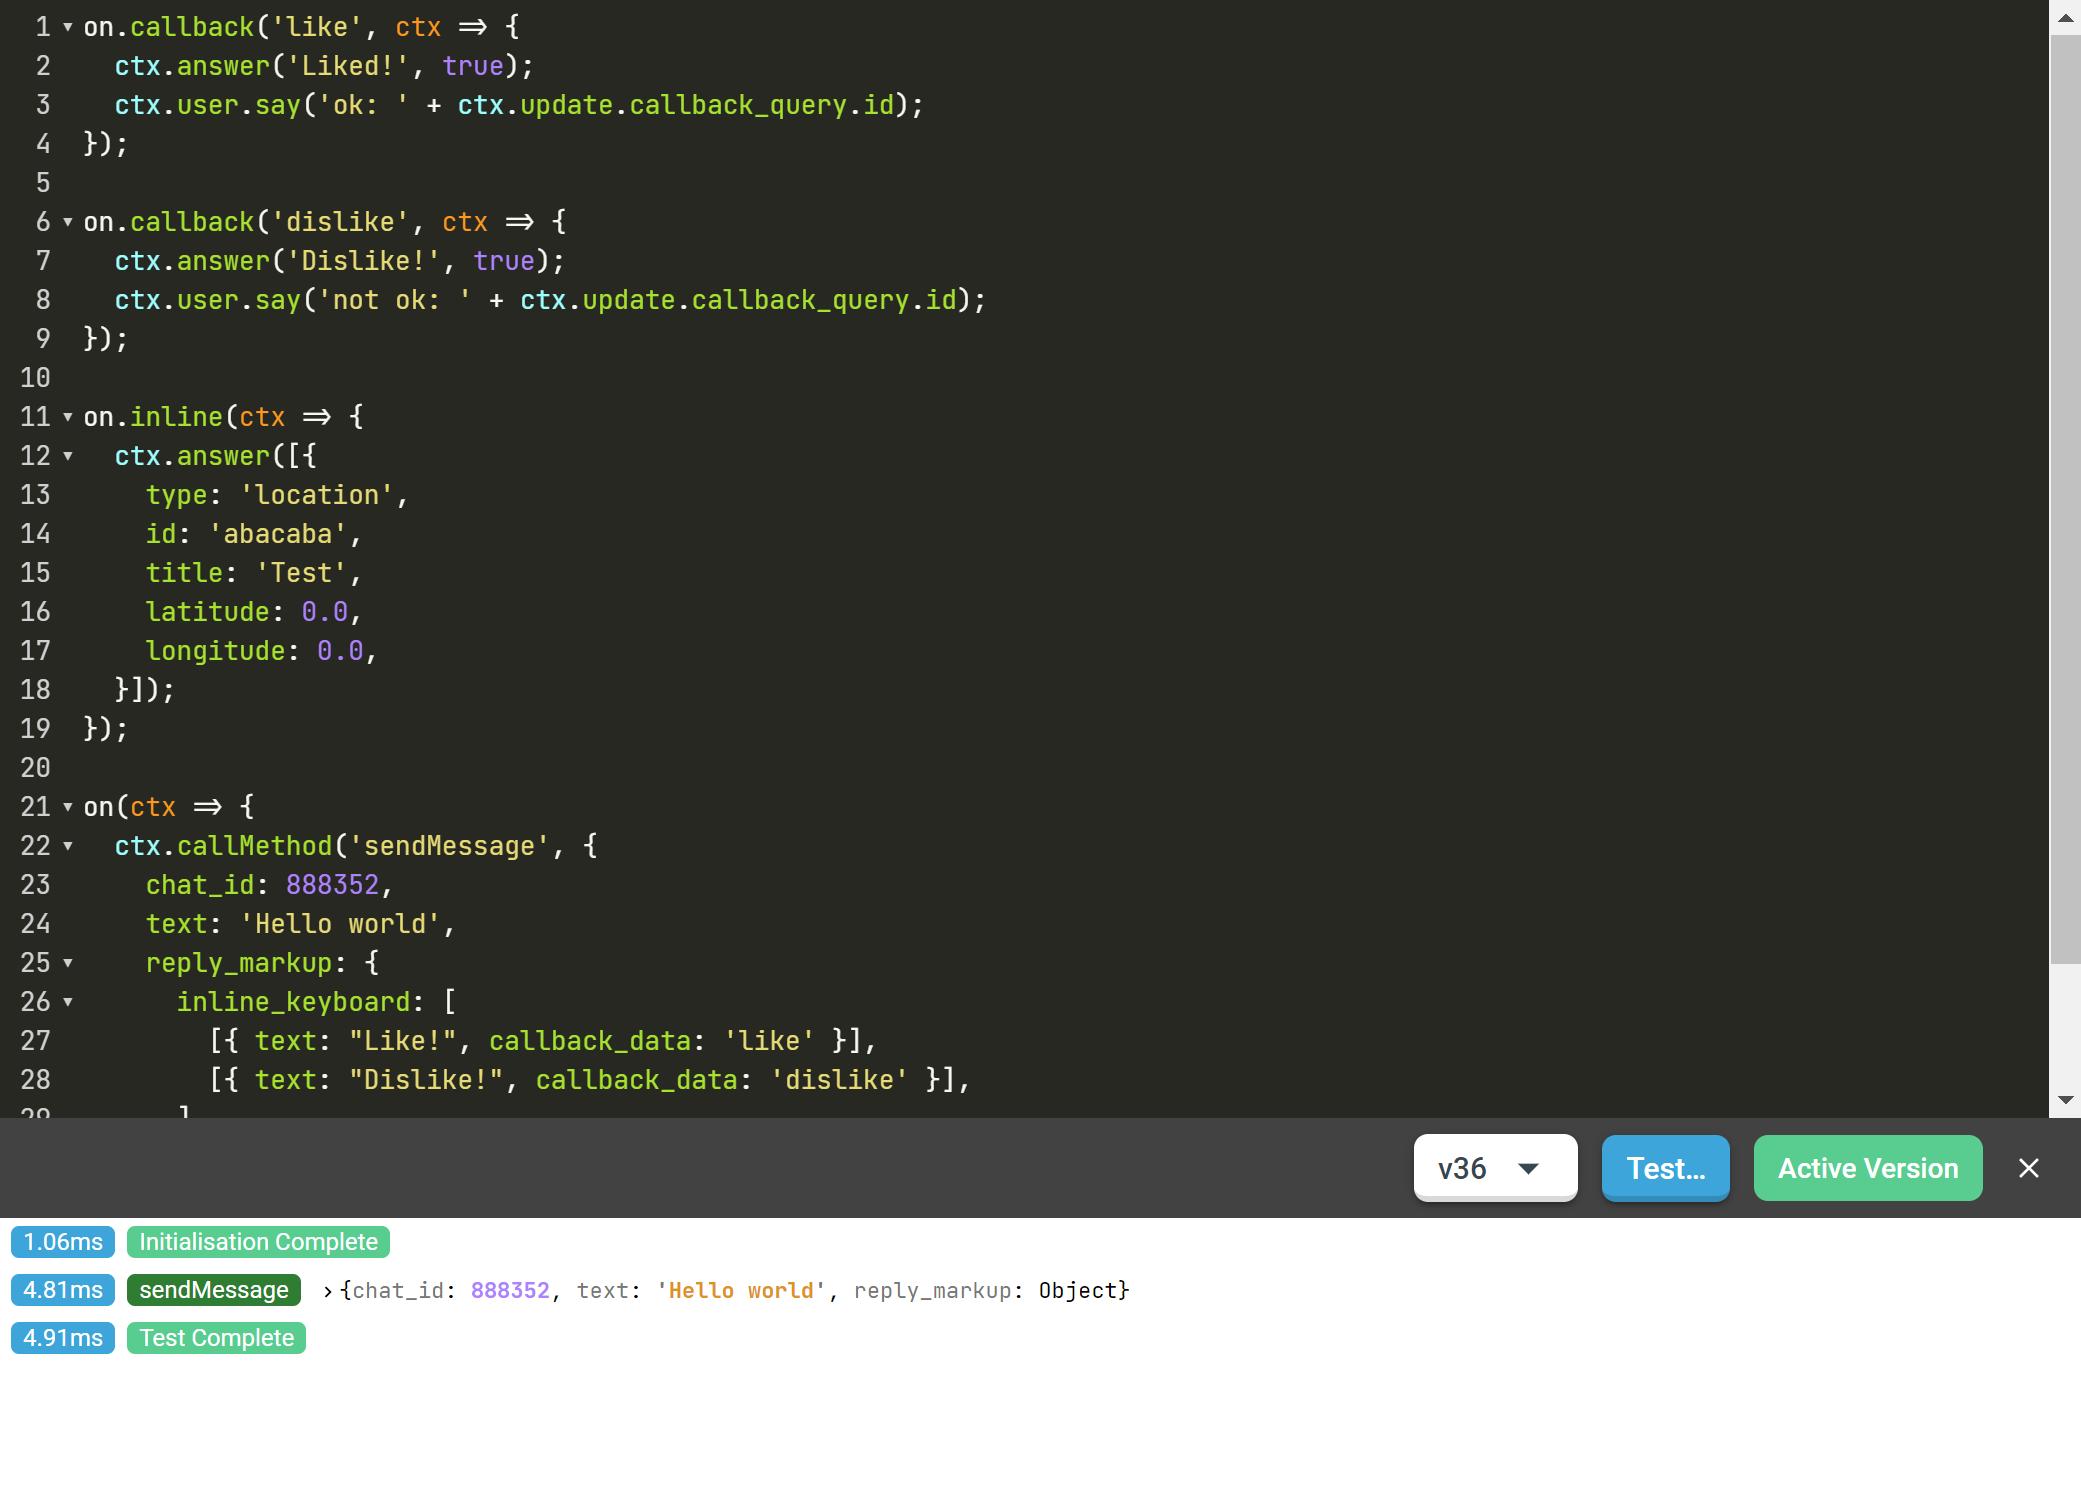 Так сейчас выглядит редактор кода в Botsman